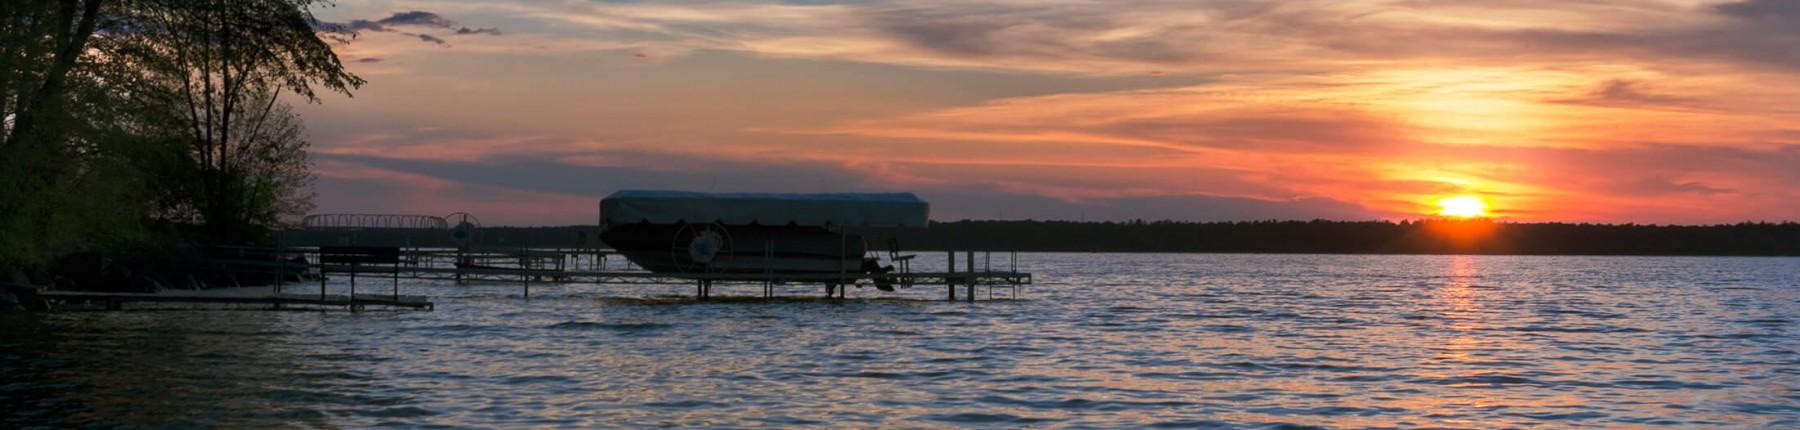 rippling lake at sunset